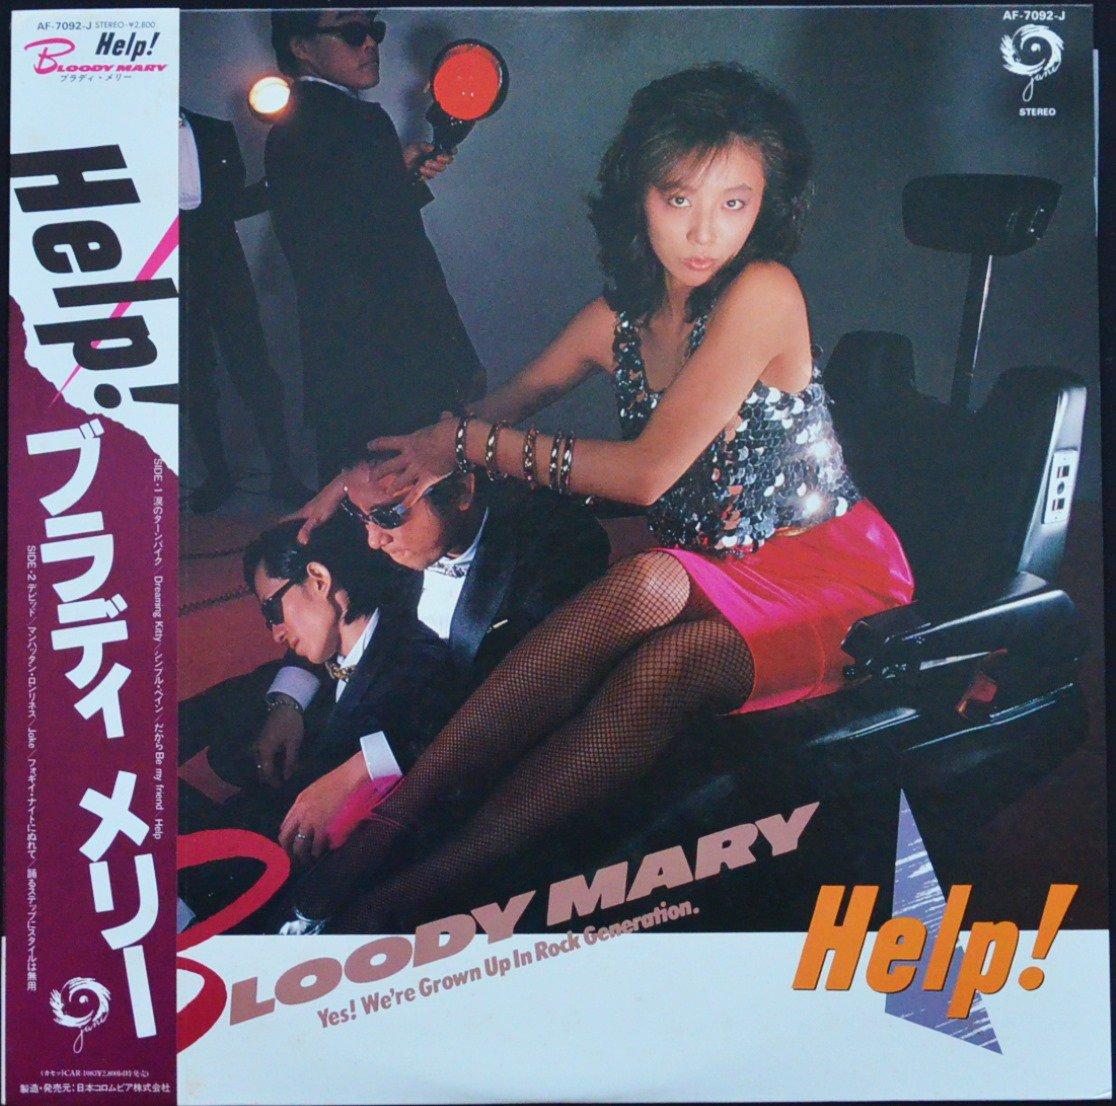 BLOODY MARY ブラディ・メリー (EMIE / 加藤エミ) / HELP! (LP)